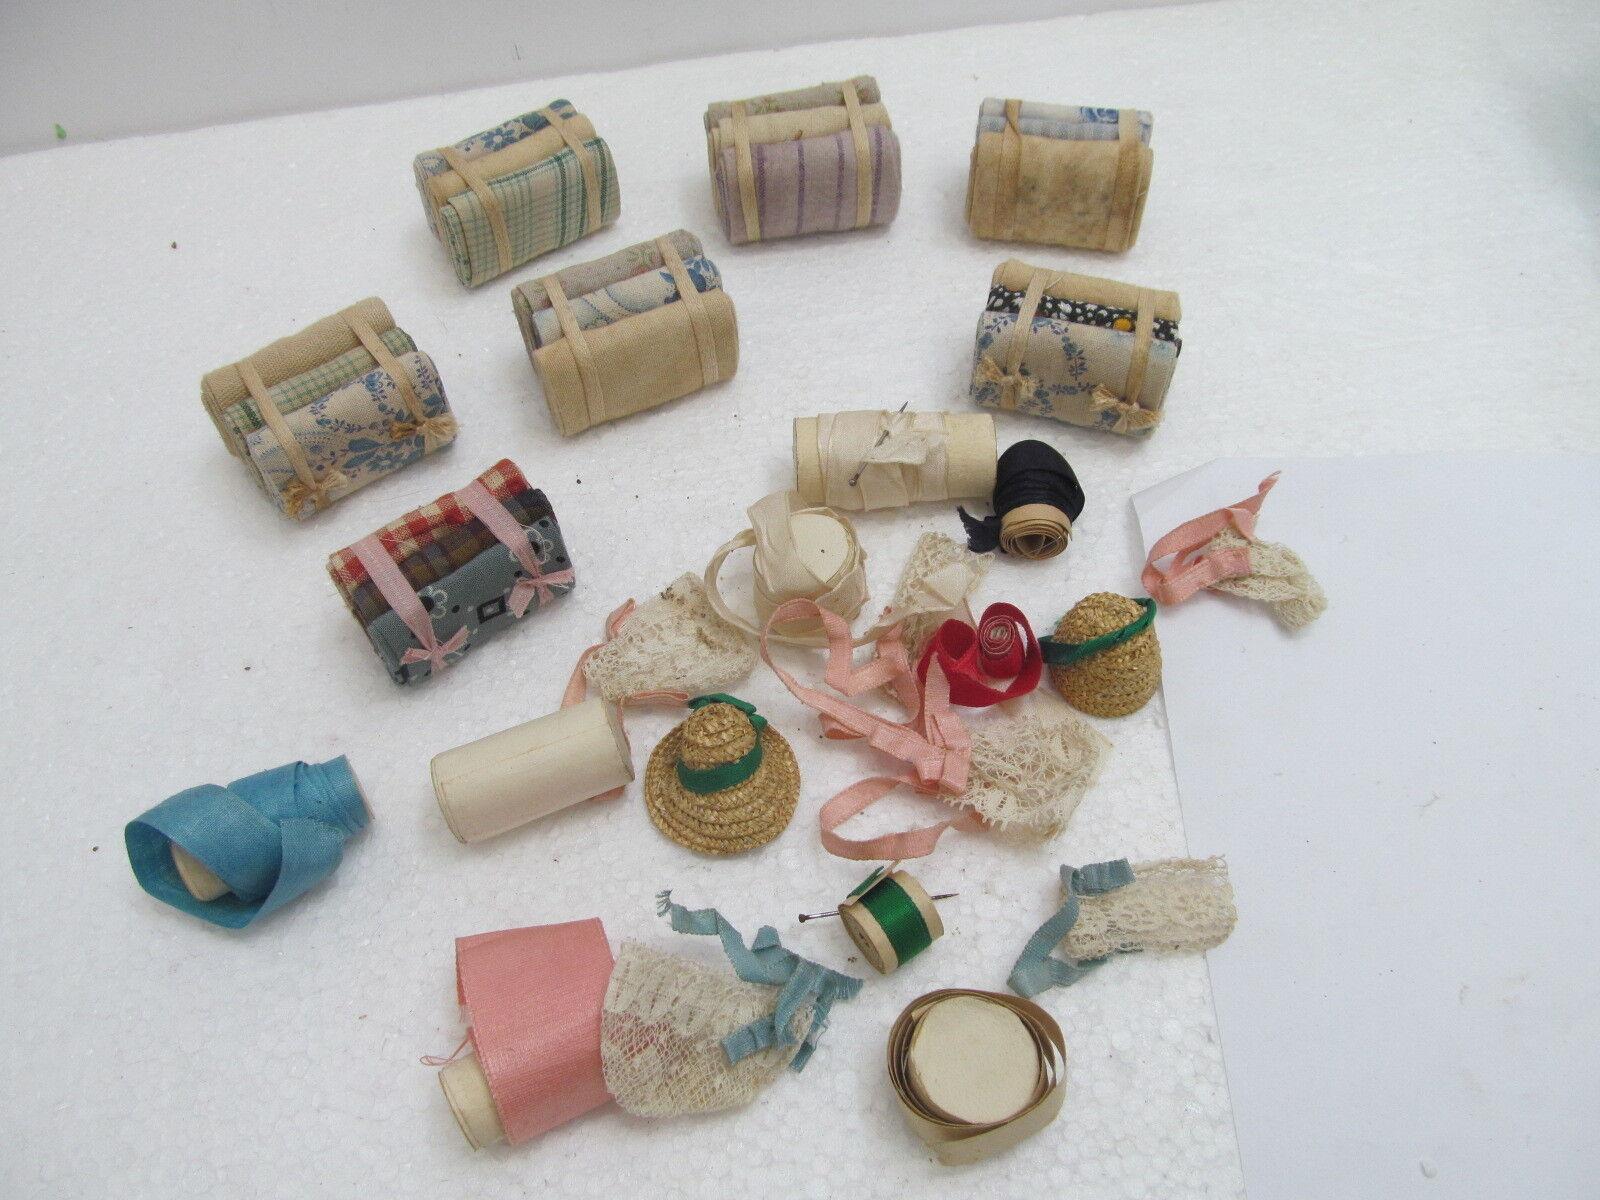 Mes-50151 ESI 24 St. bambole  stoffa autoicamento-Accessori L  tessuto btuttie circa 45mm,  miglior prezzo migliore